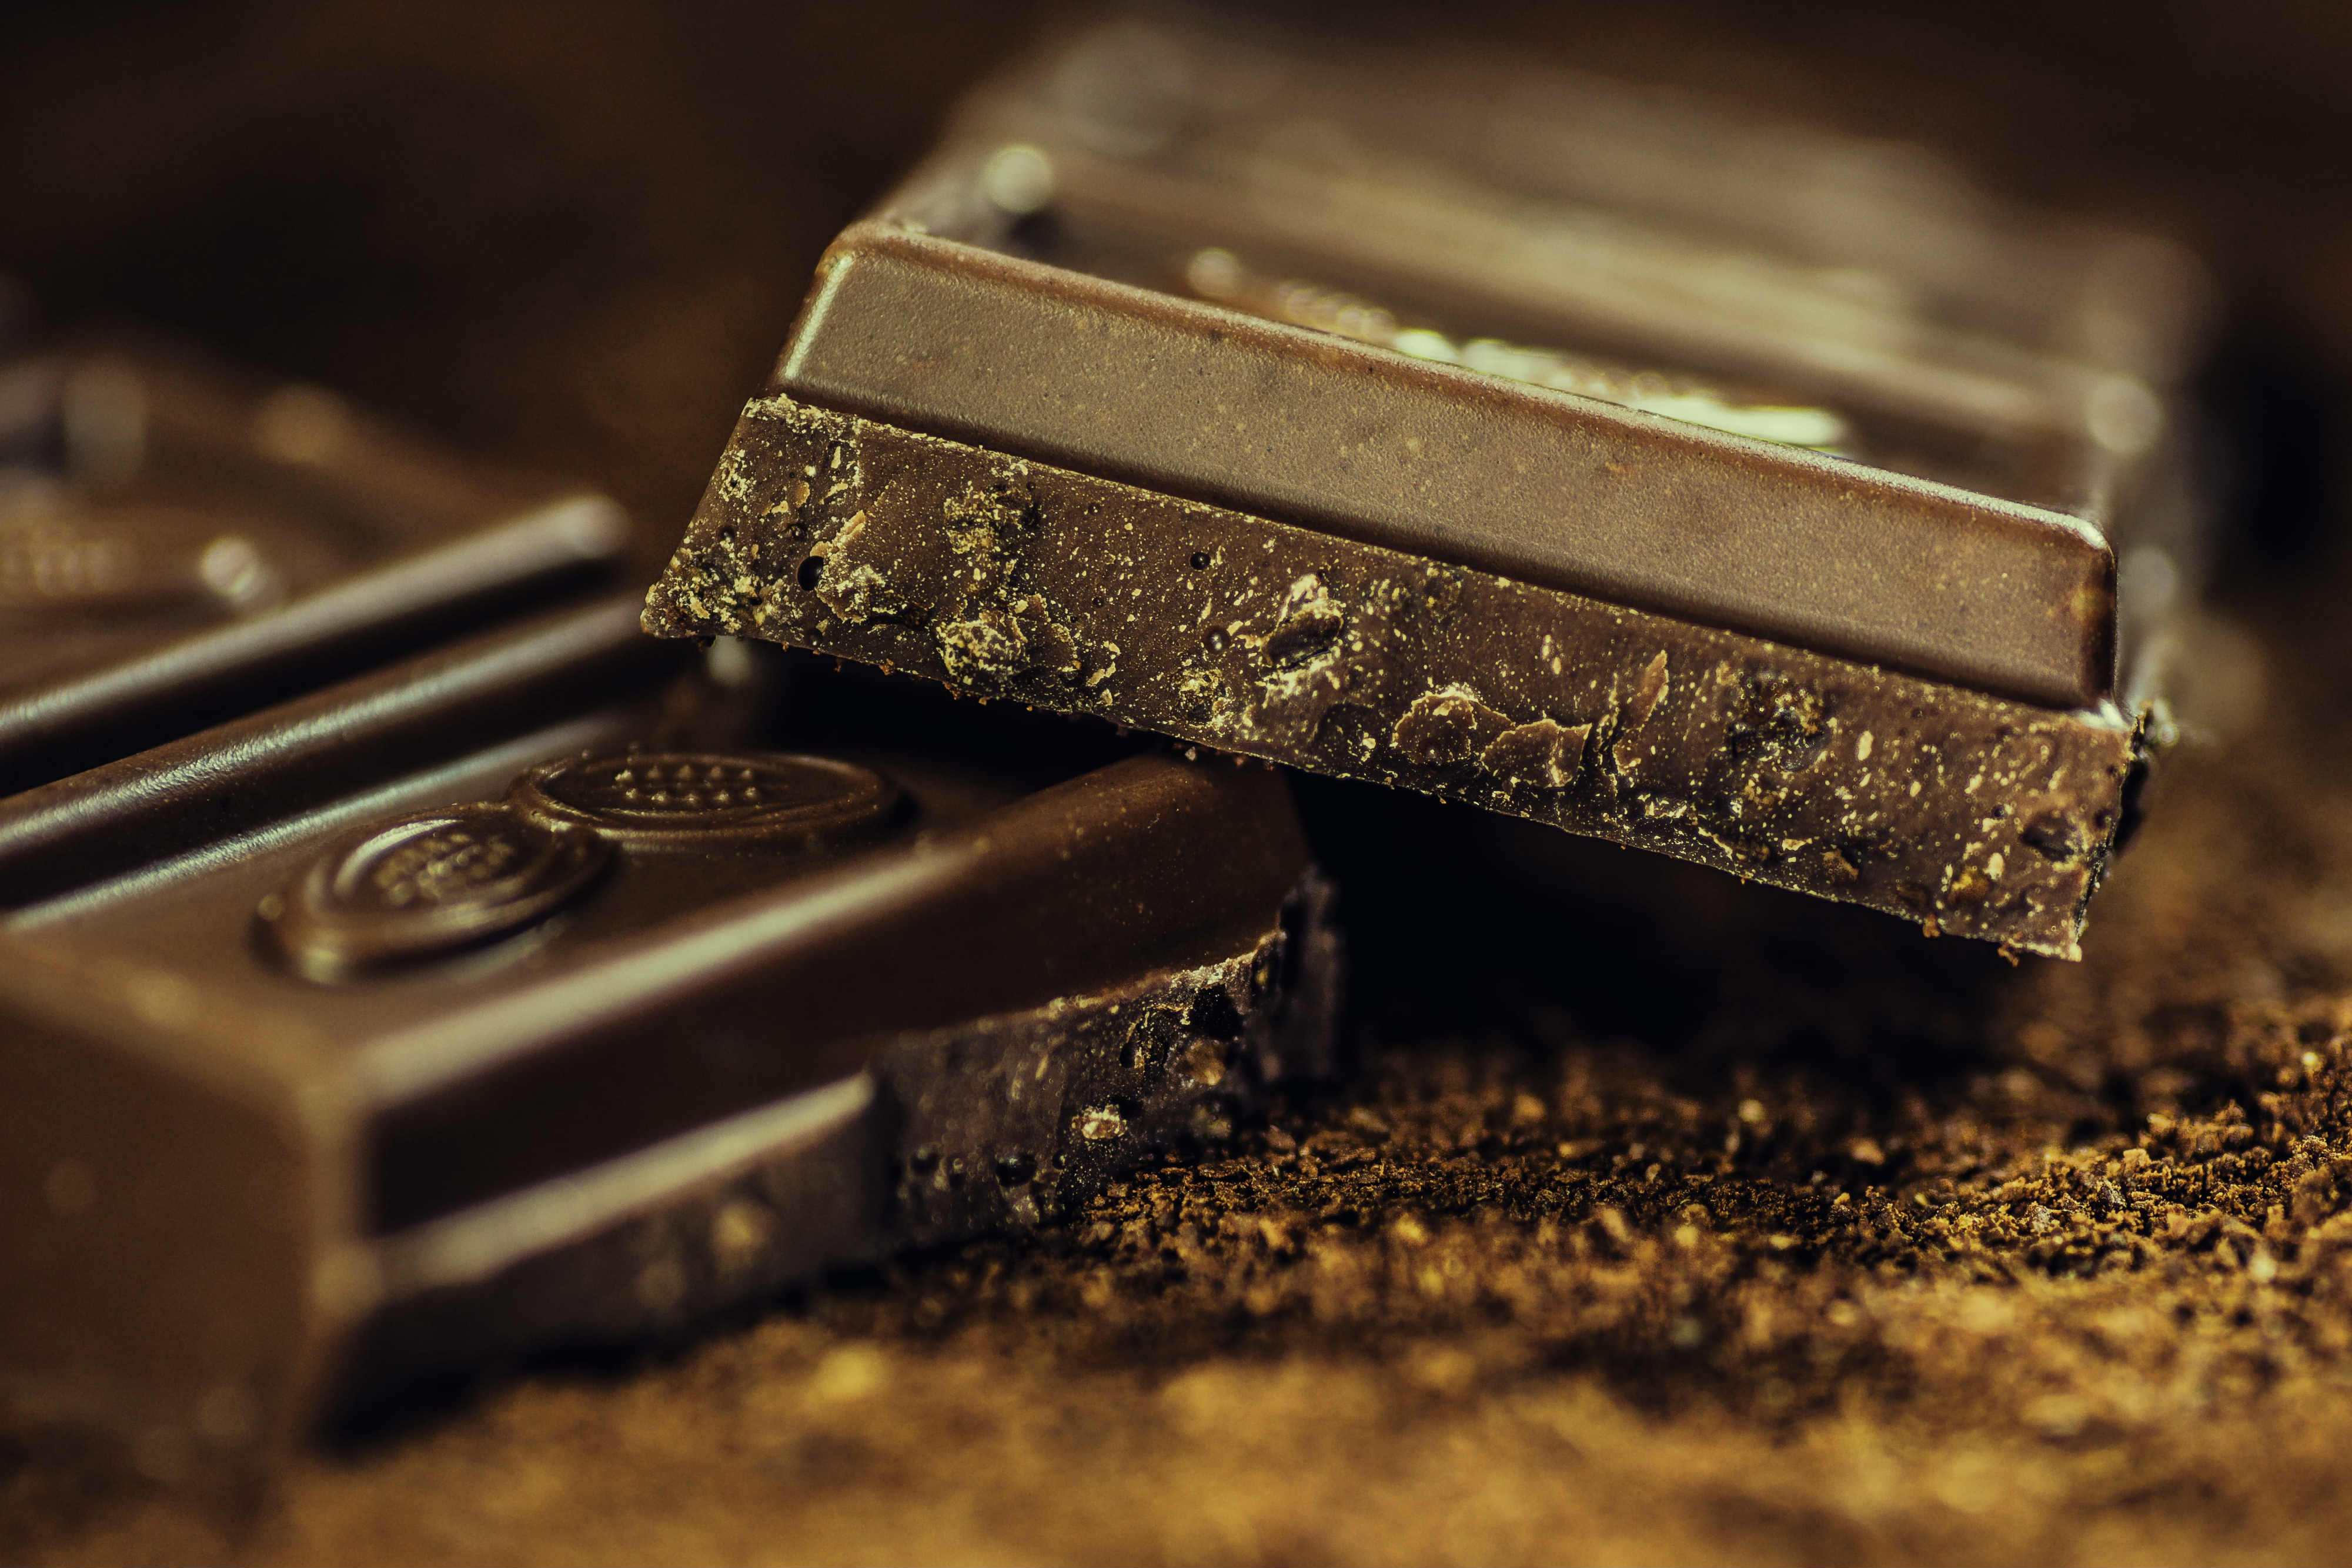 El chocolate podría acabarse en 2050, según científicos